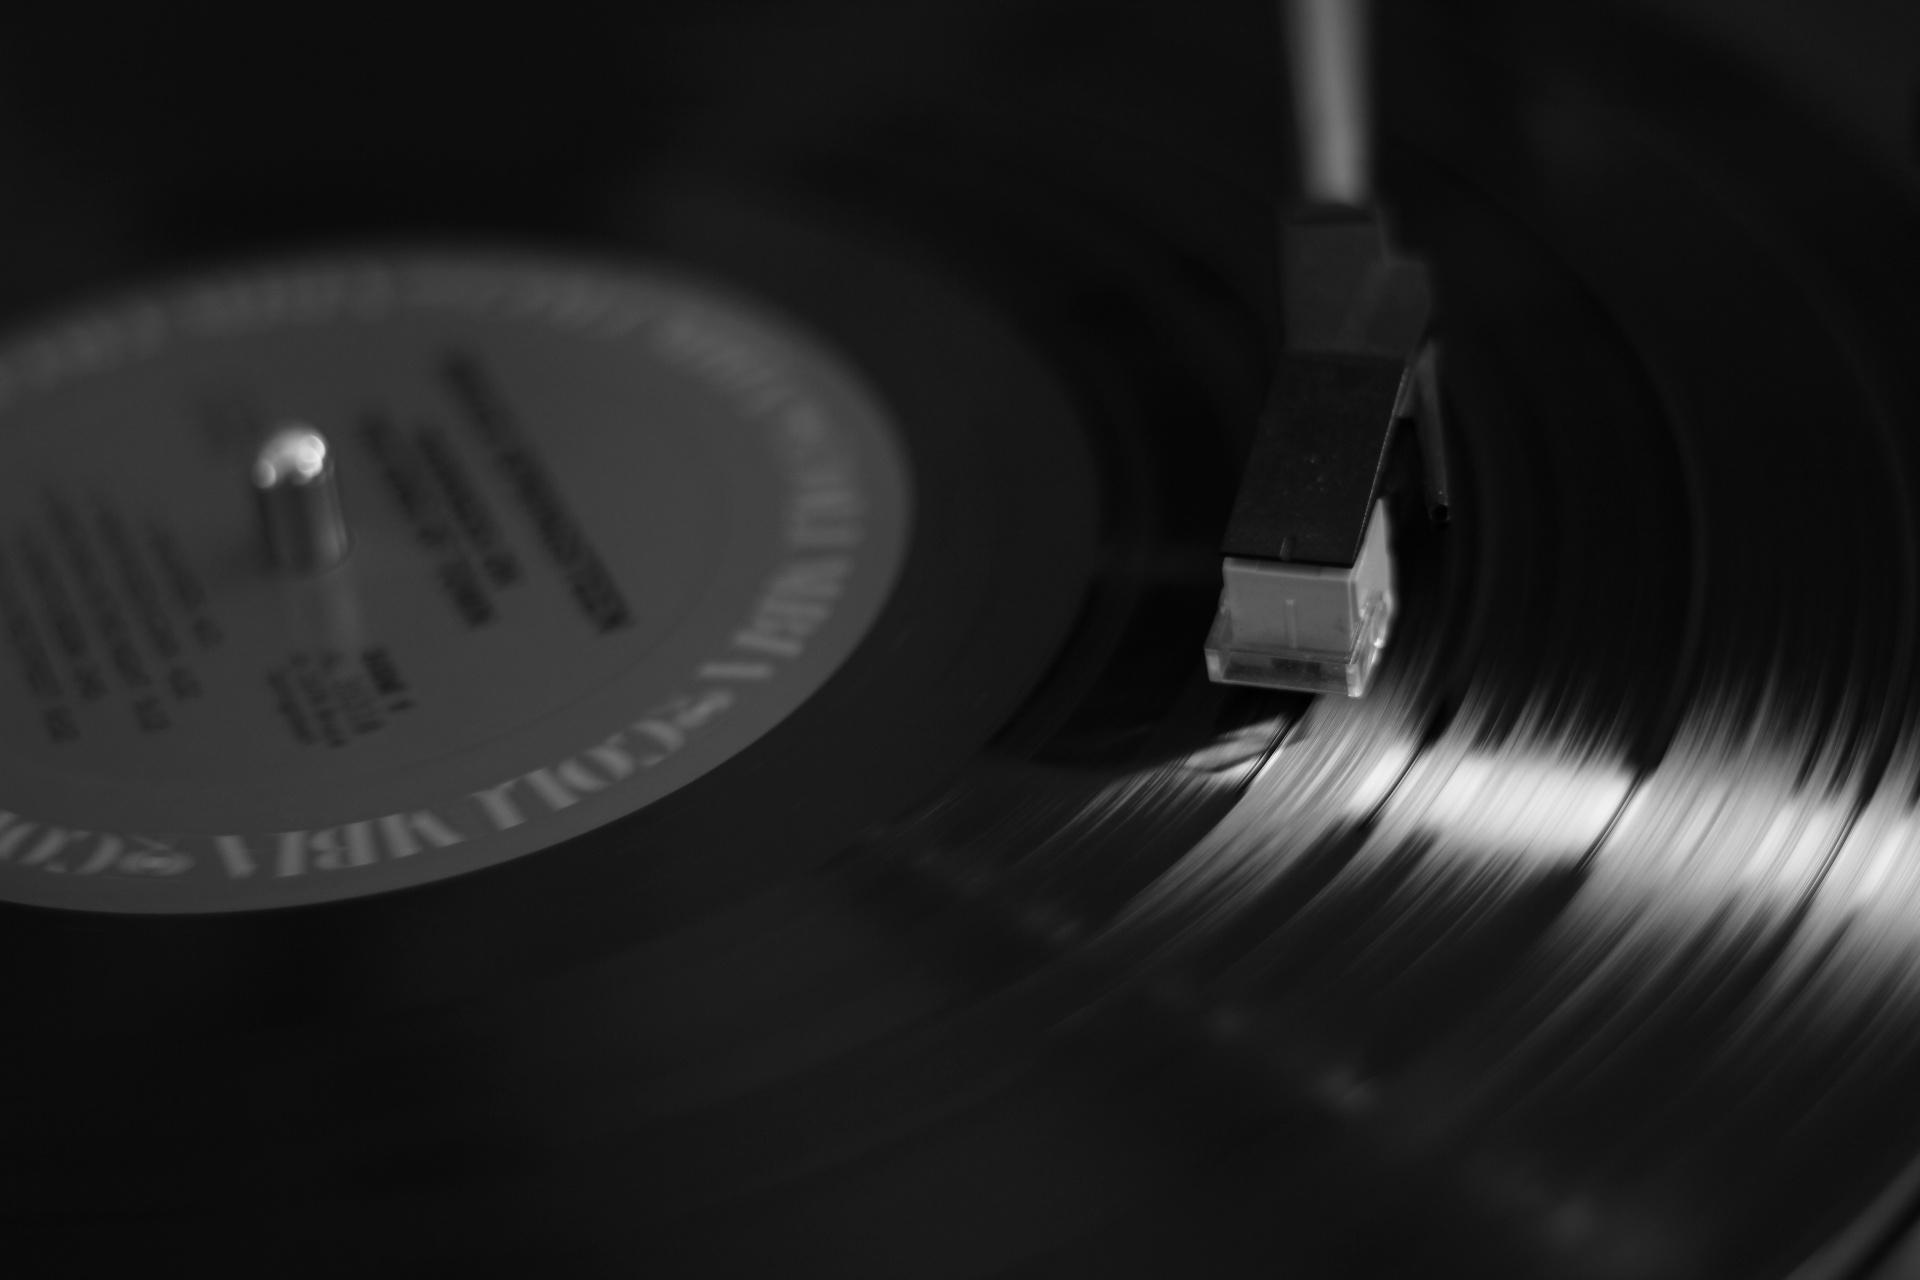 disque-vinyl-fond-noir.jpg